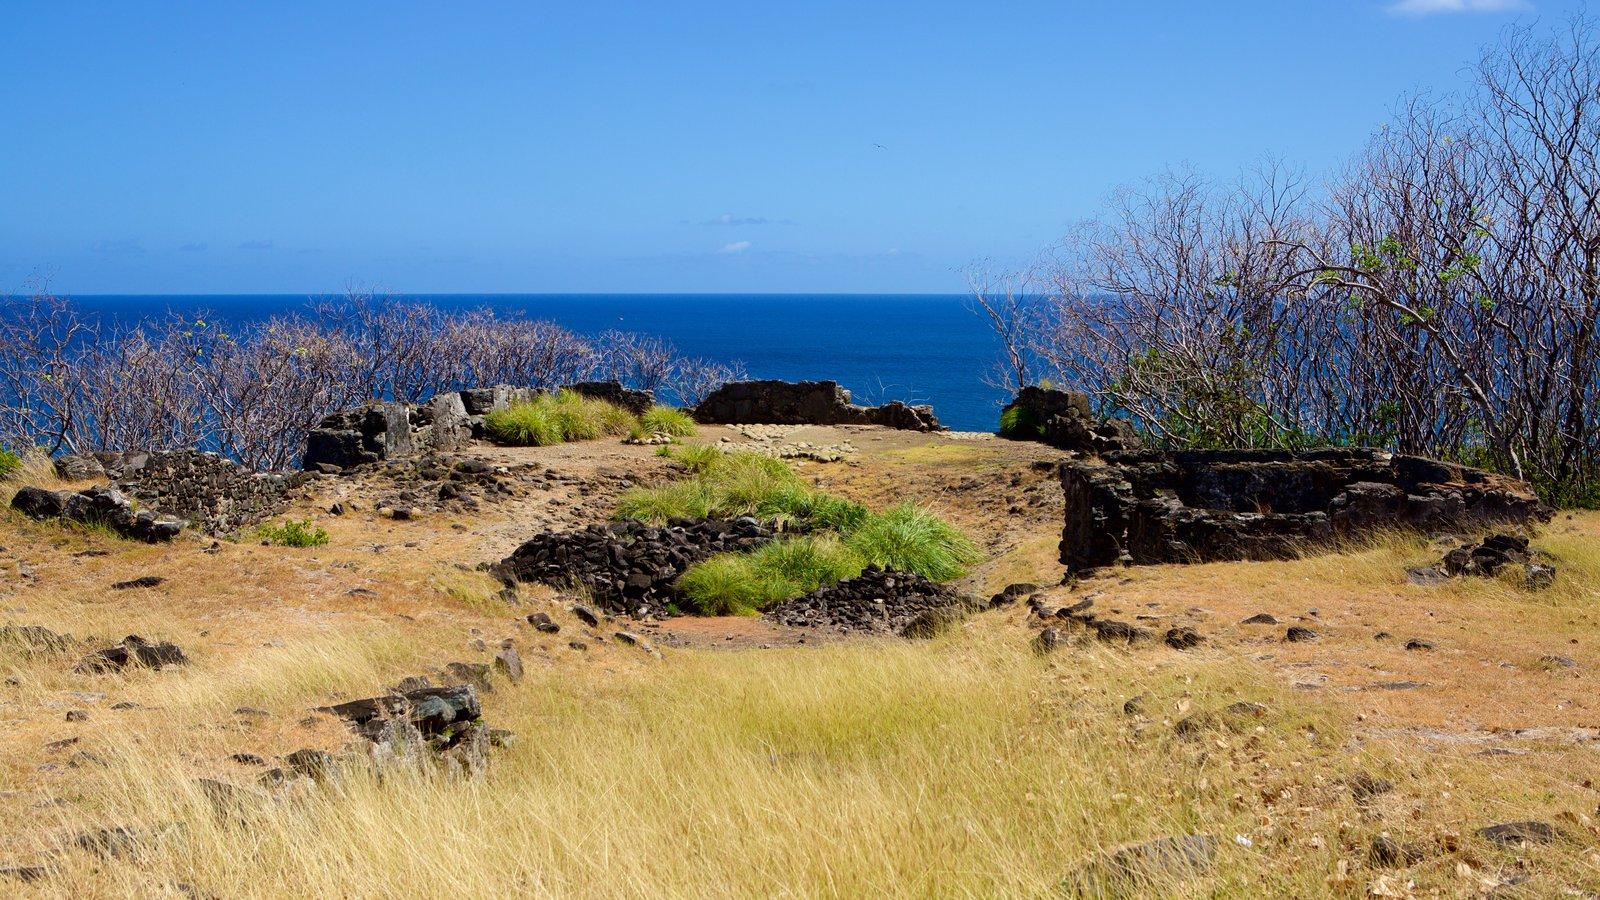 Forte São Pedro do Boldró mostrando litoral acidentado, paisagens litorâneas e uma ruína